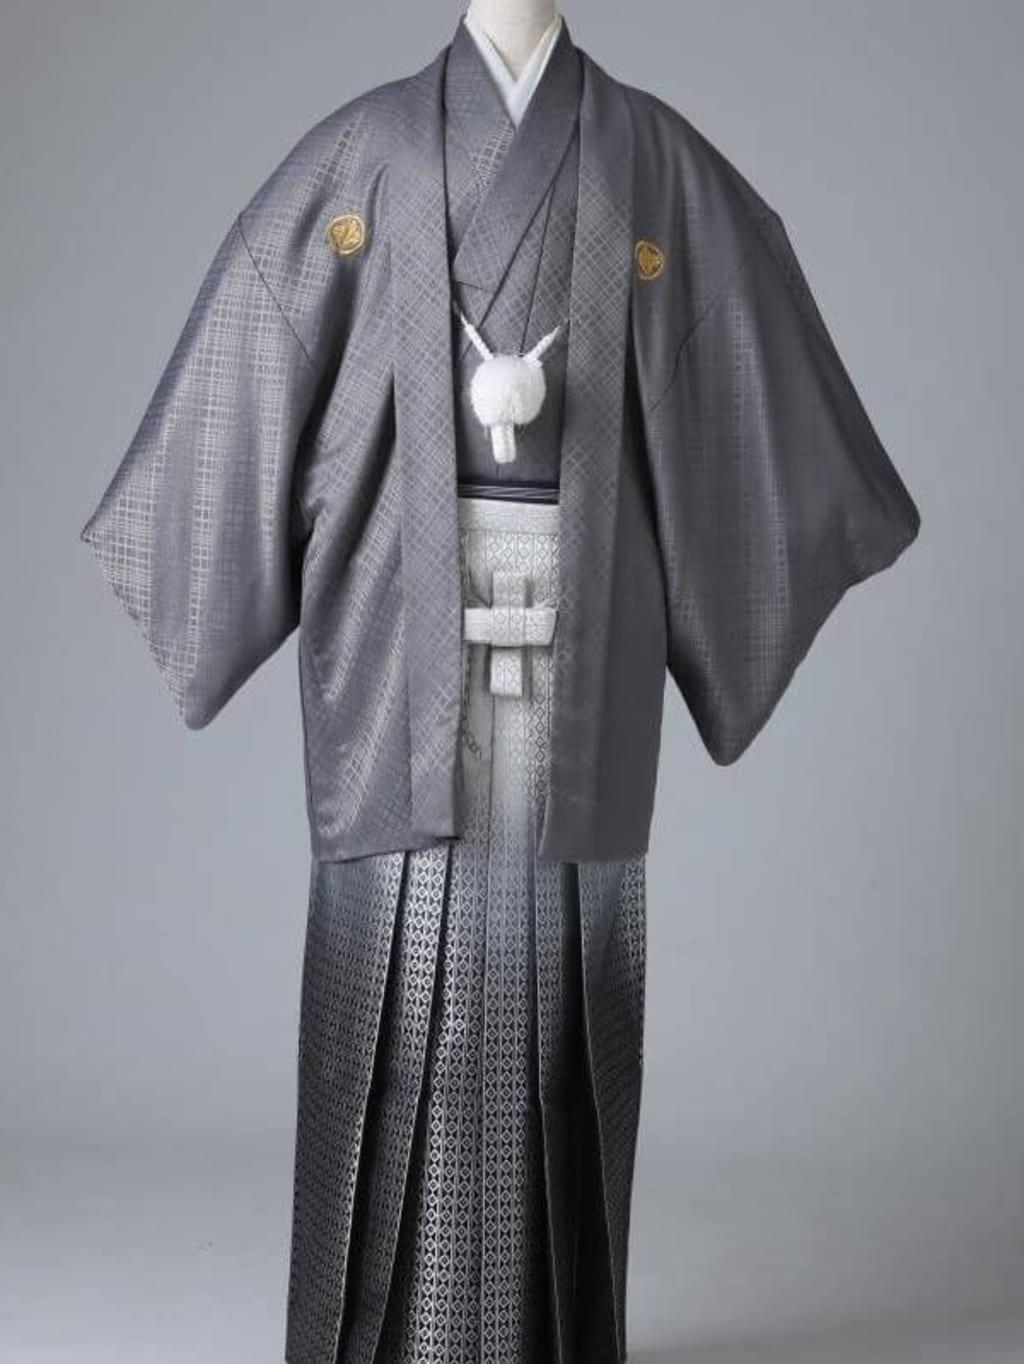 グレー紋服 グラデーション袴_横浜店